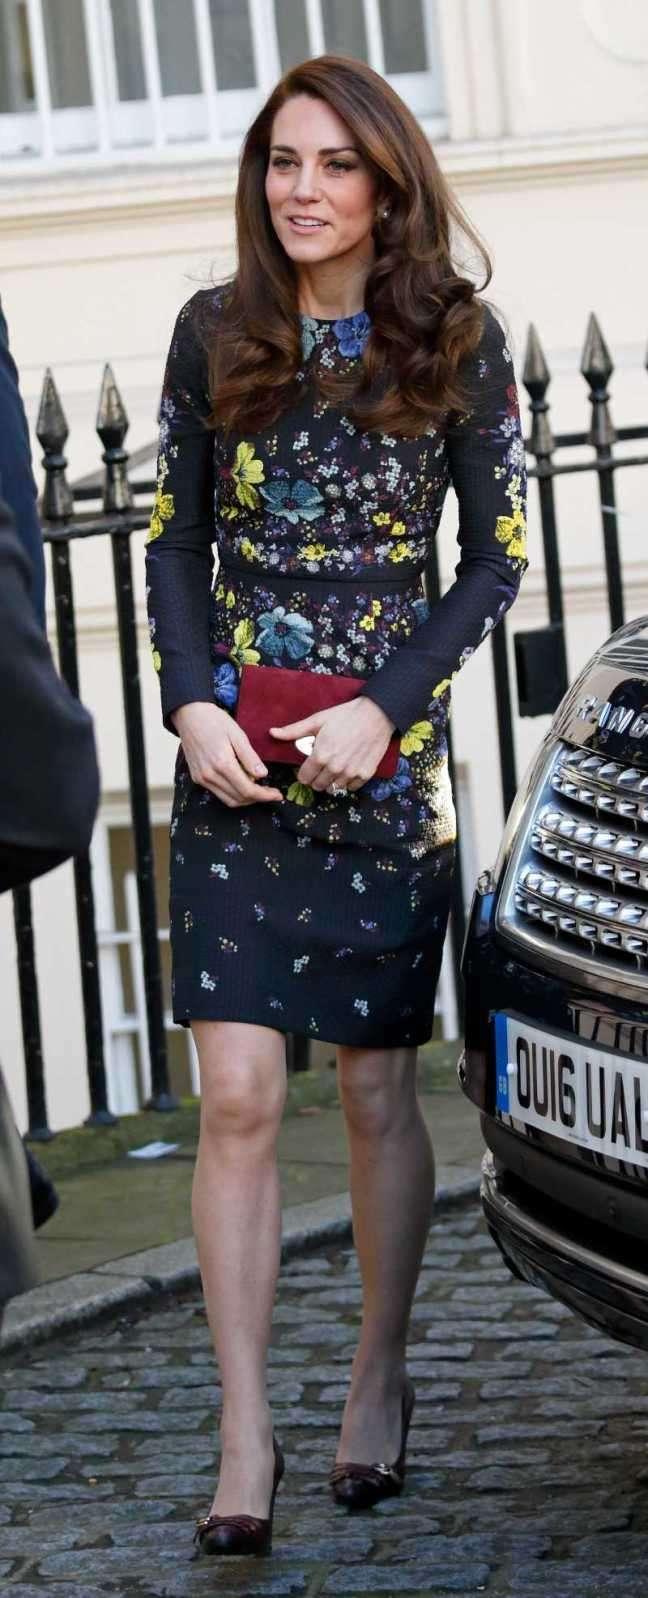 10 правил красоты, обязательных для королевских особ